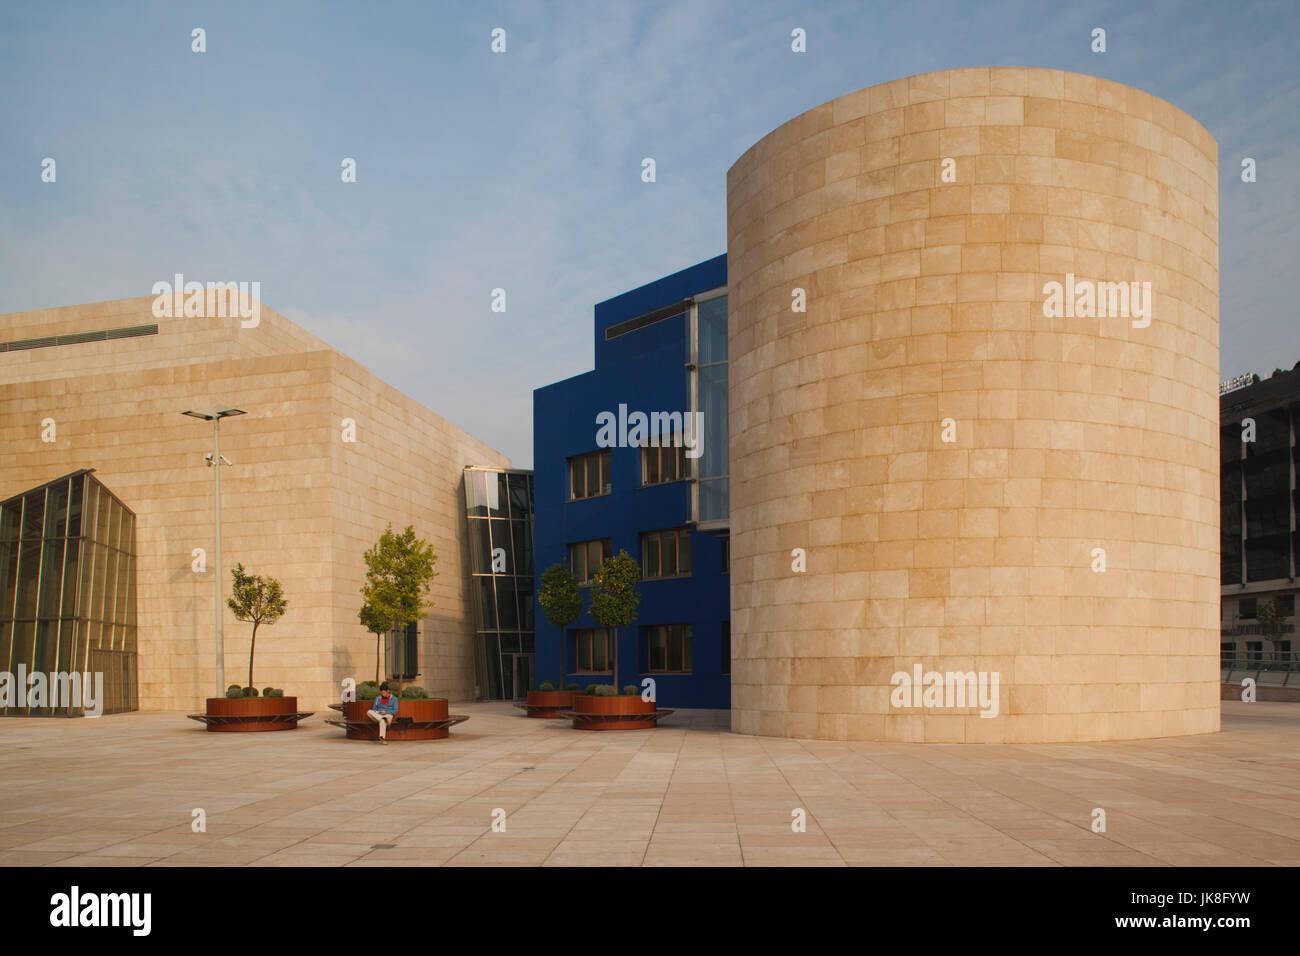 Espagne, Pays basque Région, province de Biscaye, Bilbao, le Guggenheim Museum, conçu par Frank Gehry Banque D'Images